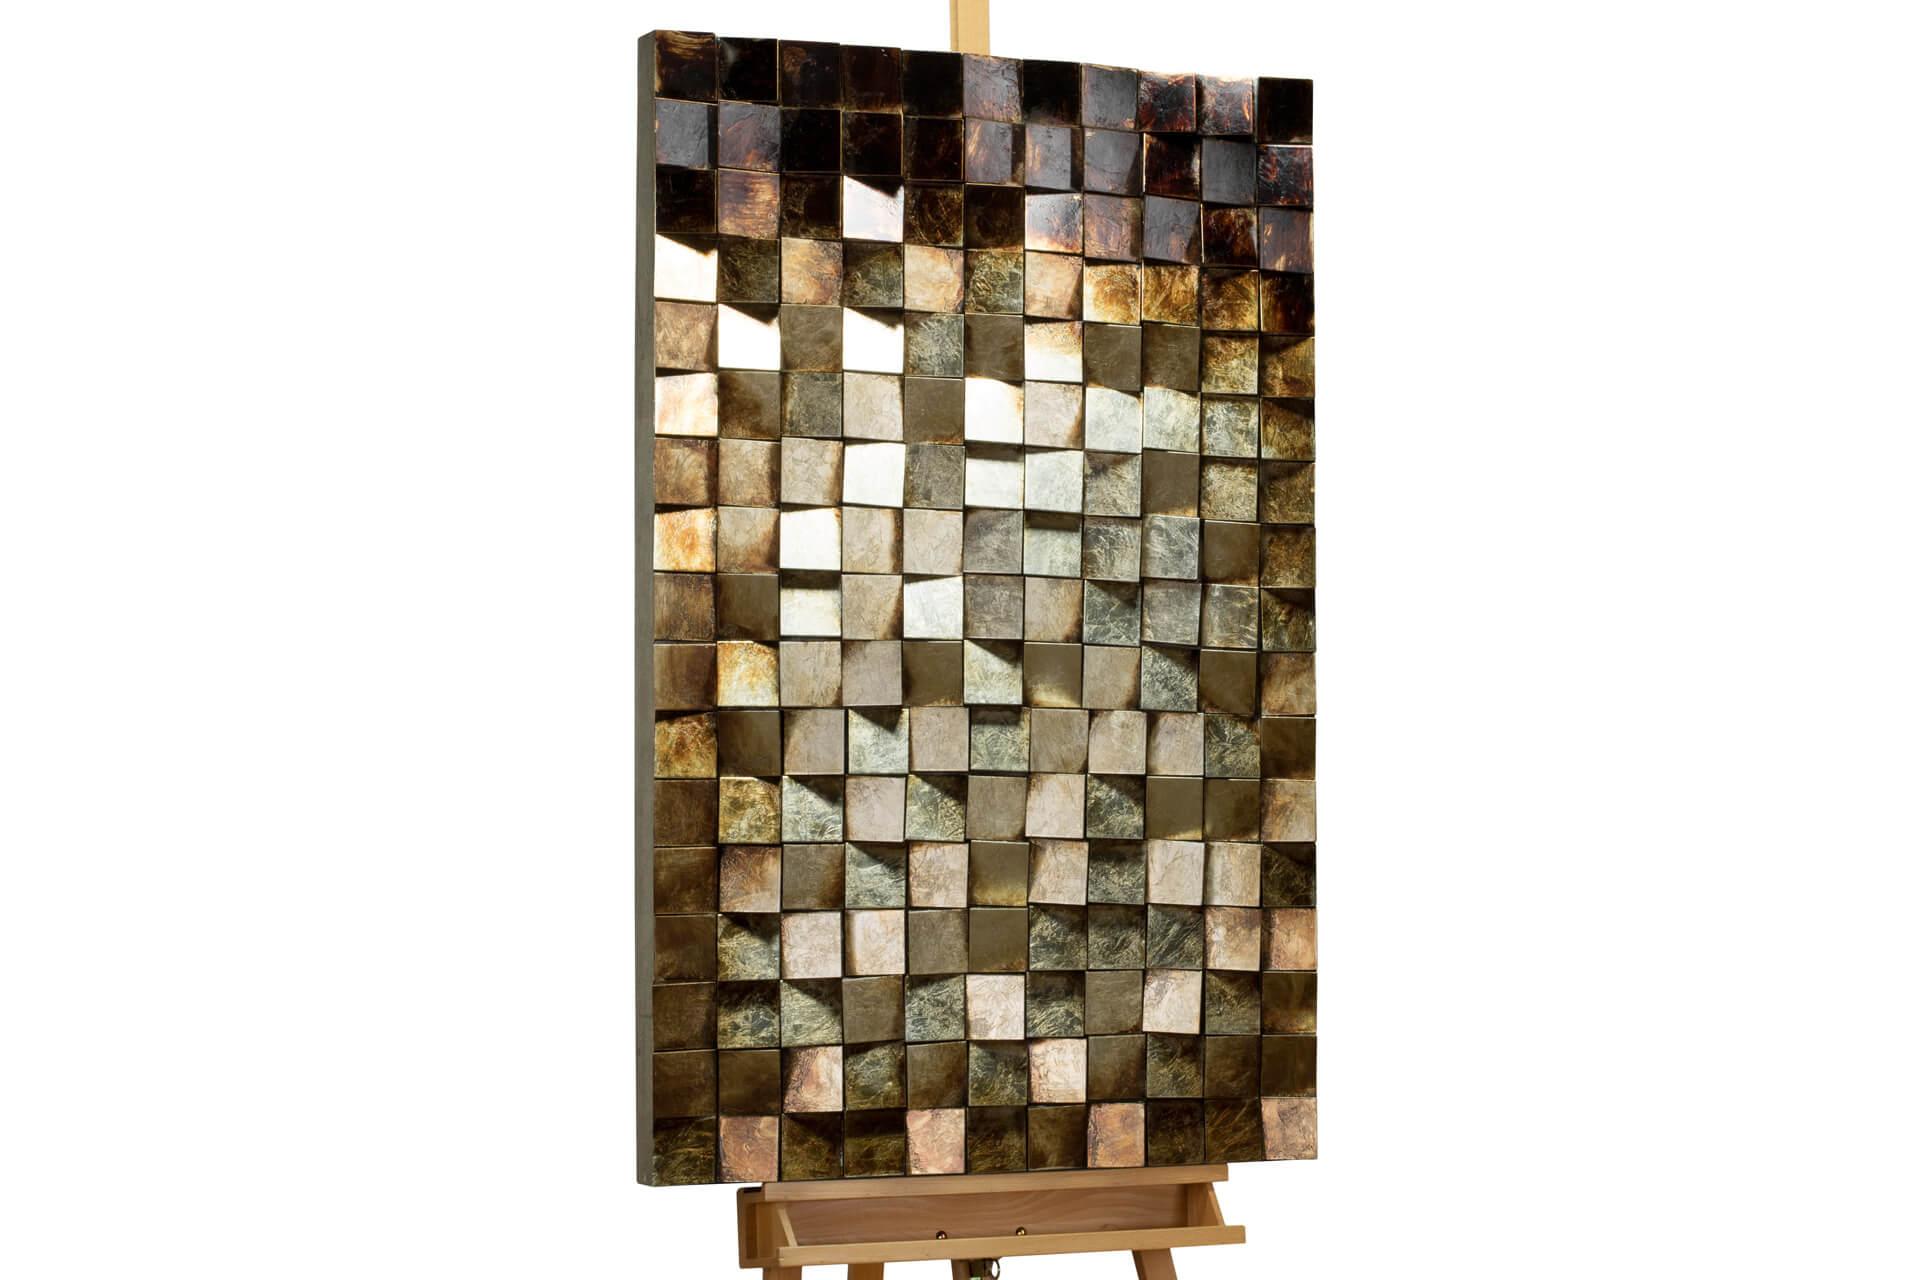 KL abstrakt grau braun holz bilder holz gemaelde relief handgefertigt modern 01